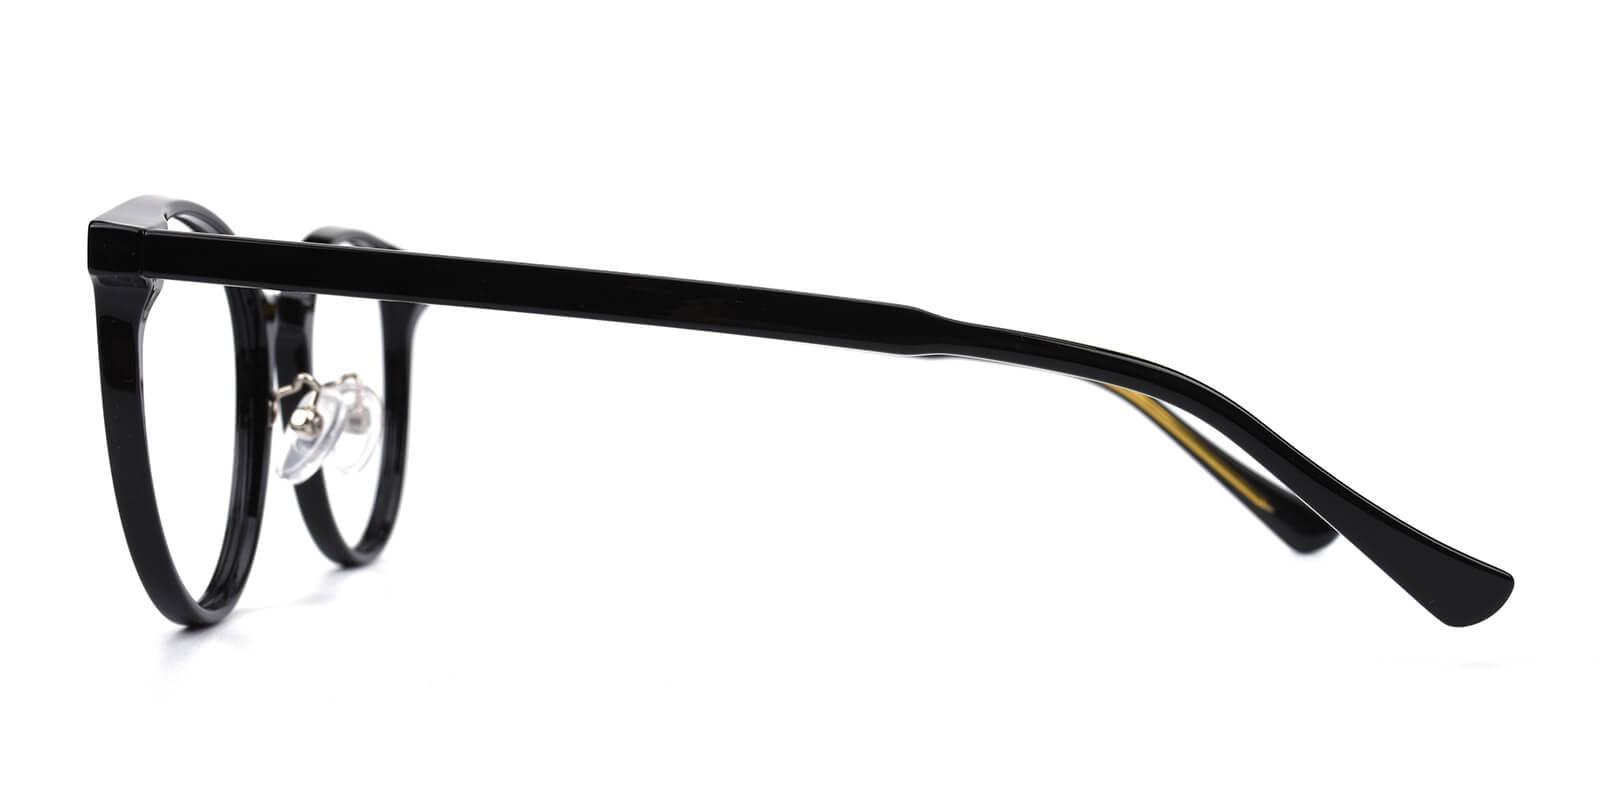 Freak-Black-Round-Acetate-Eyeglasses-additional3